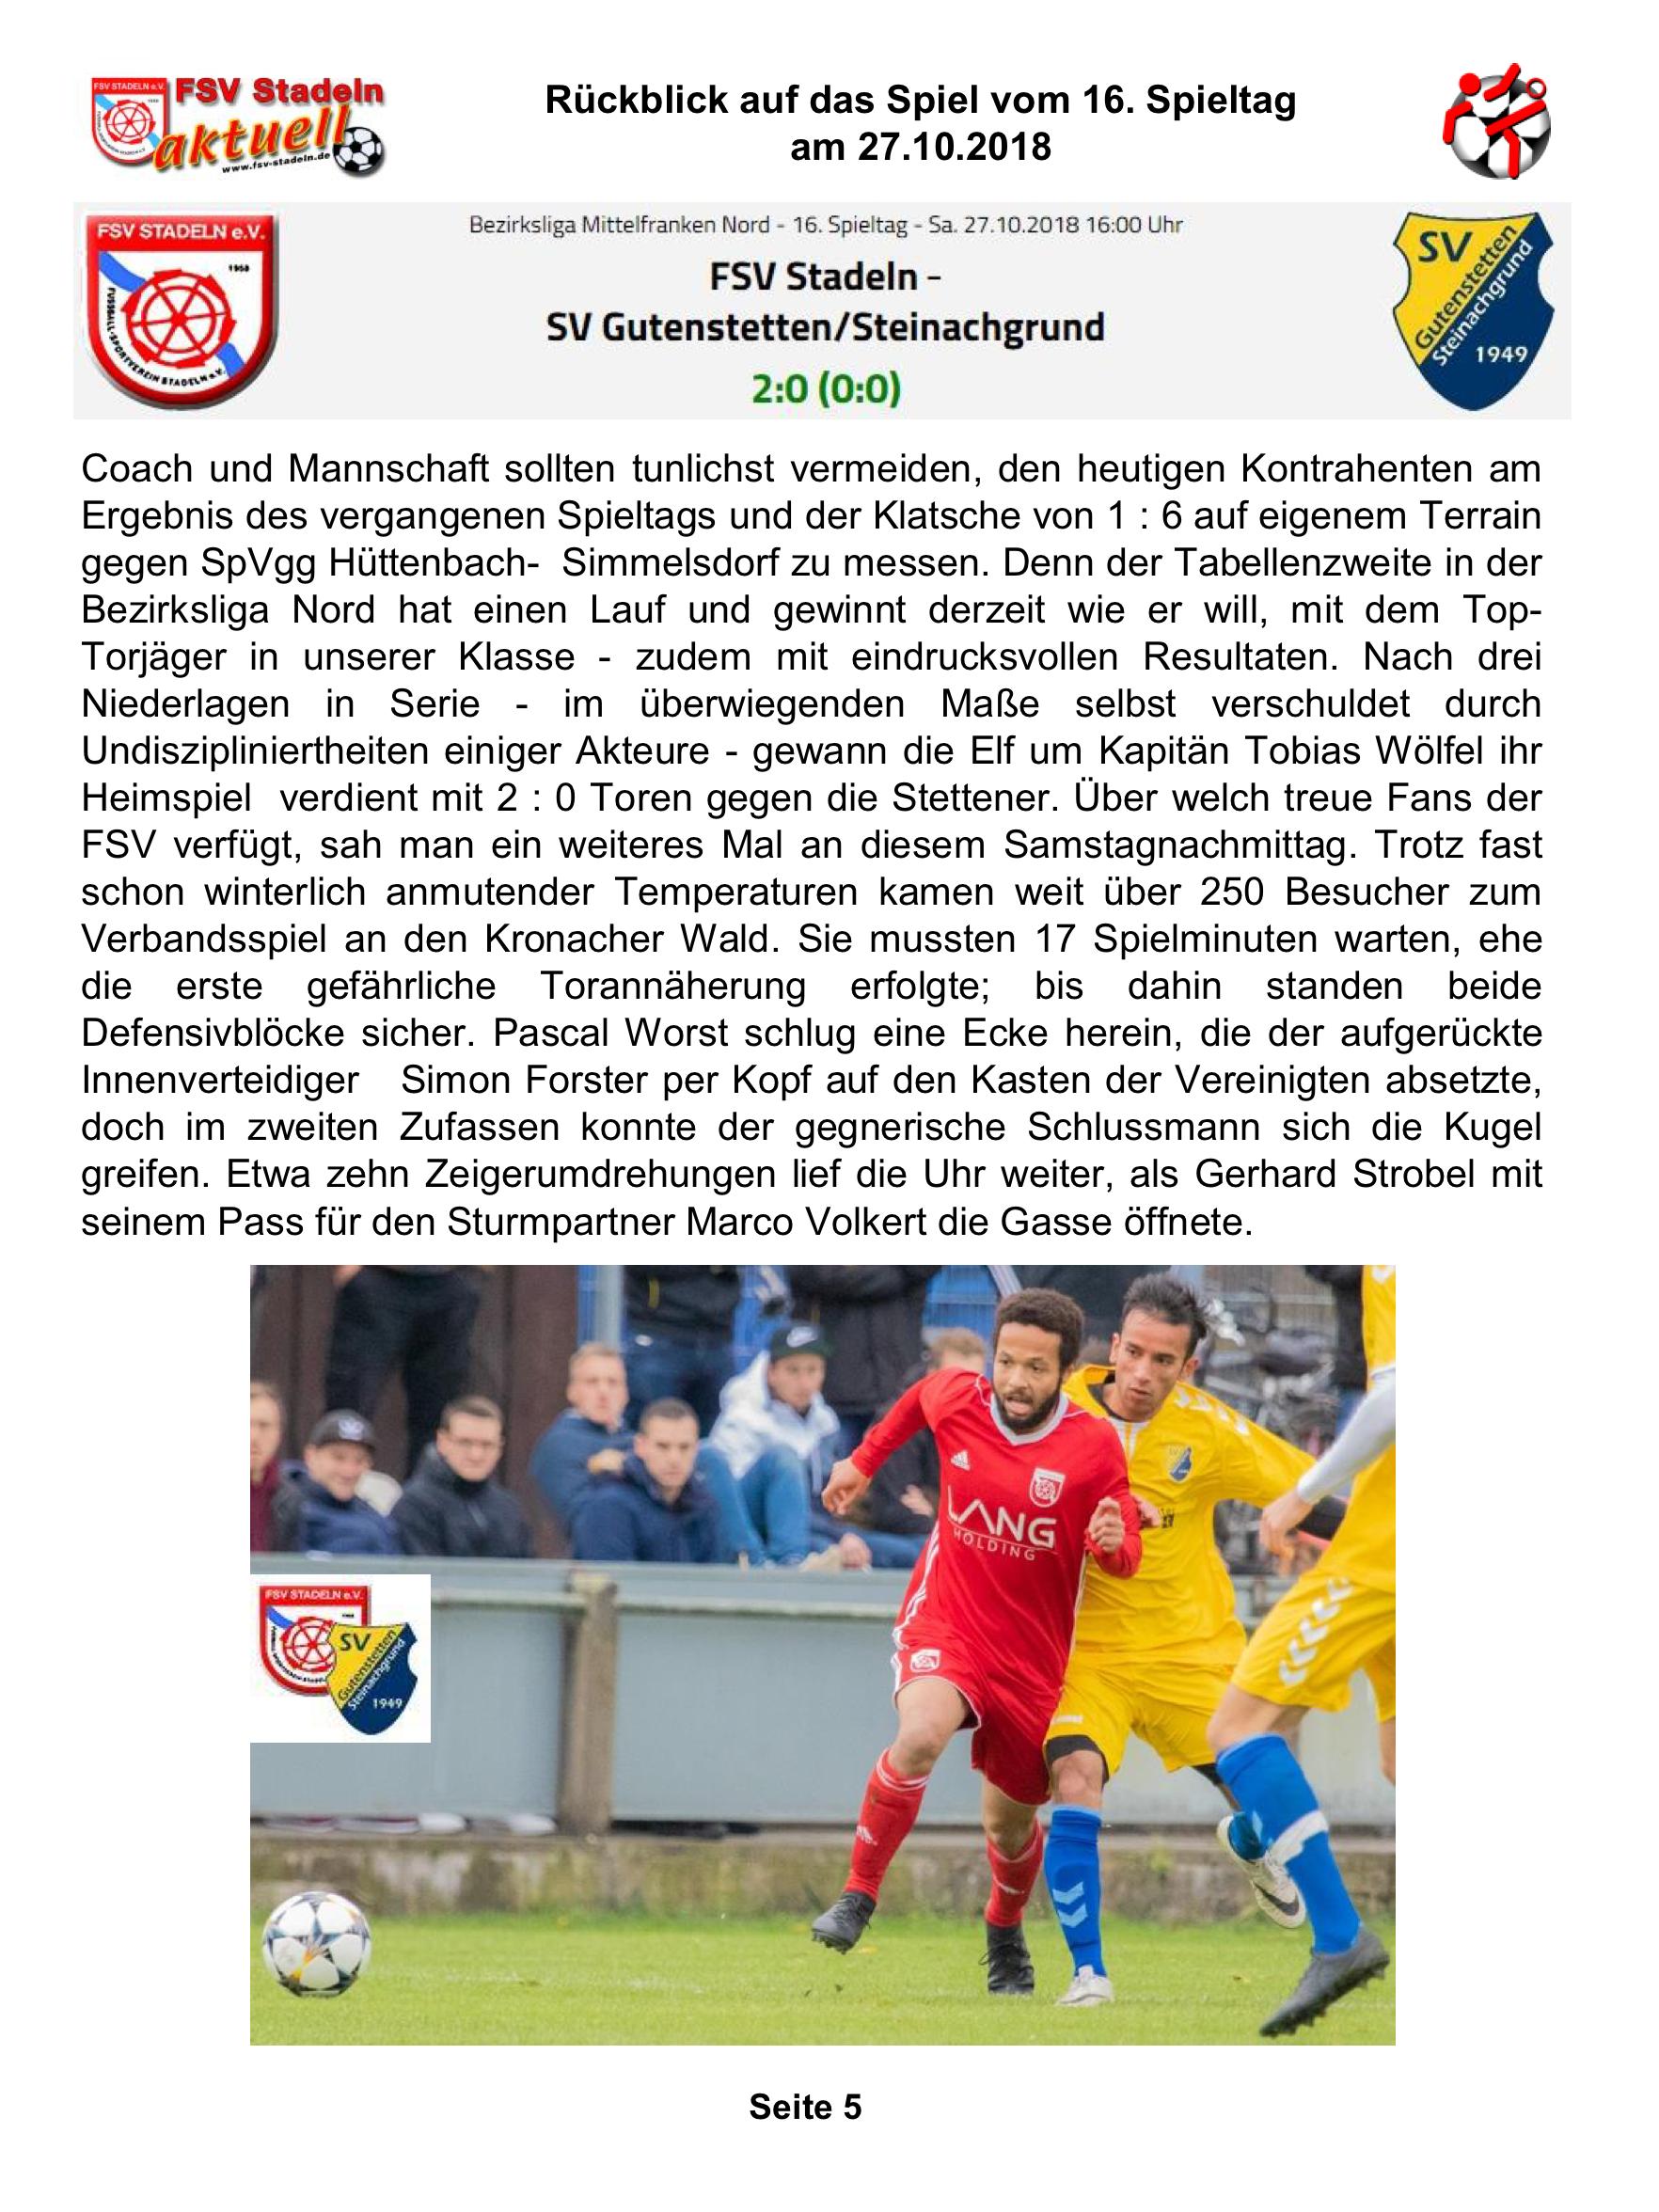 Schwaig-5.png